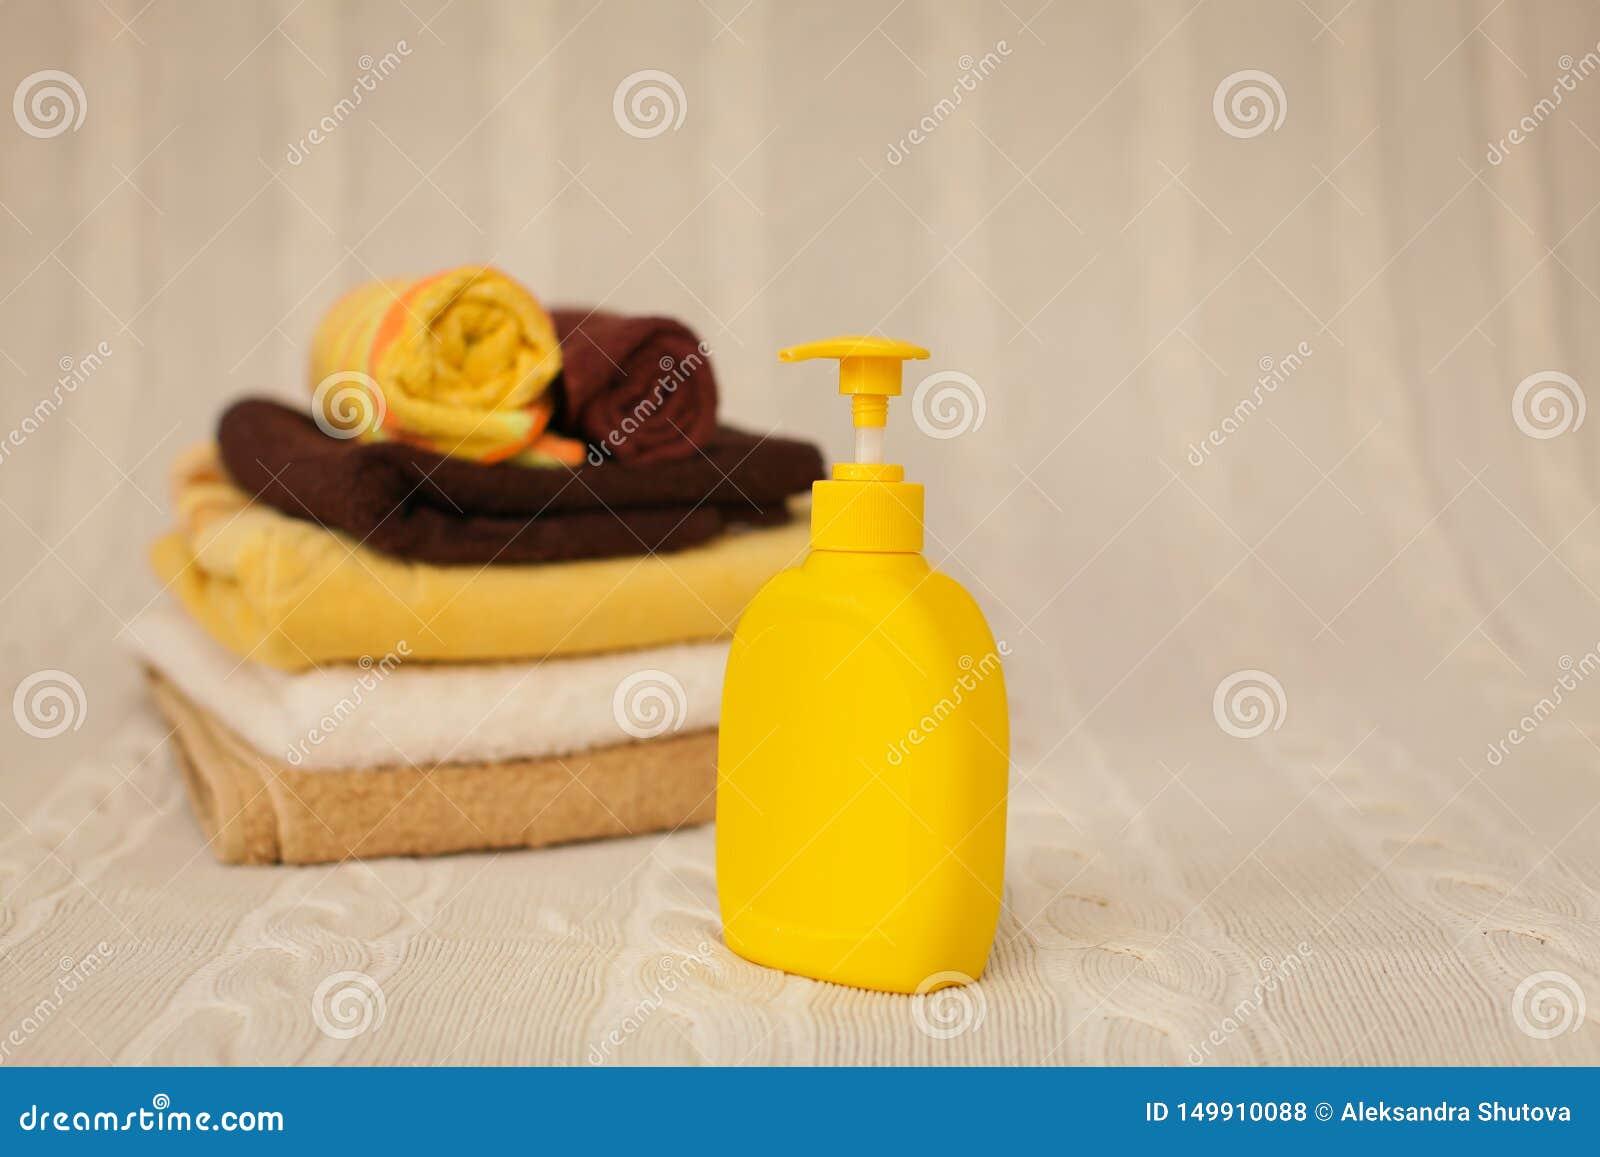 Gele plastic automaat met vloeibare zeep en een stapel bruine handdoeken op een beige deken in selectieve nadruk